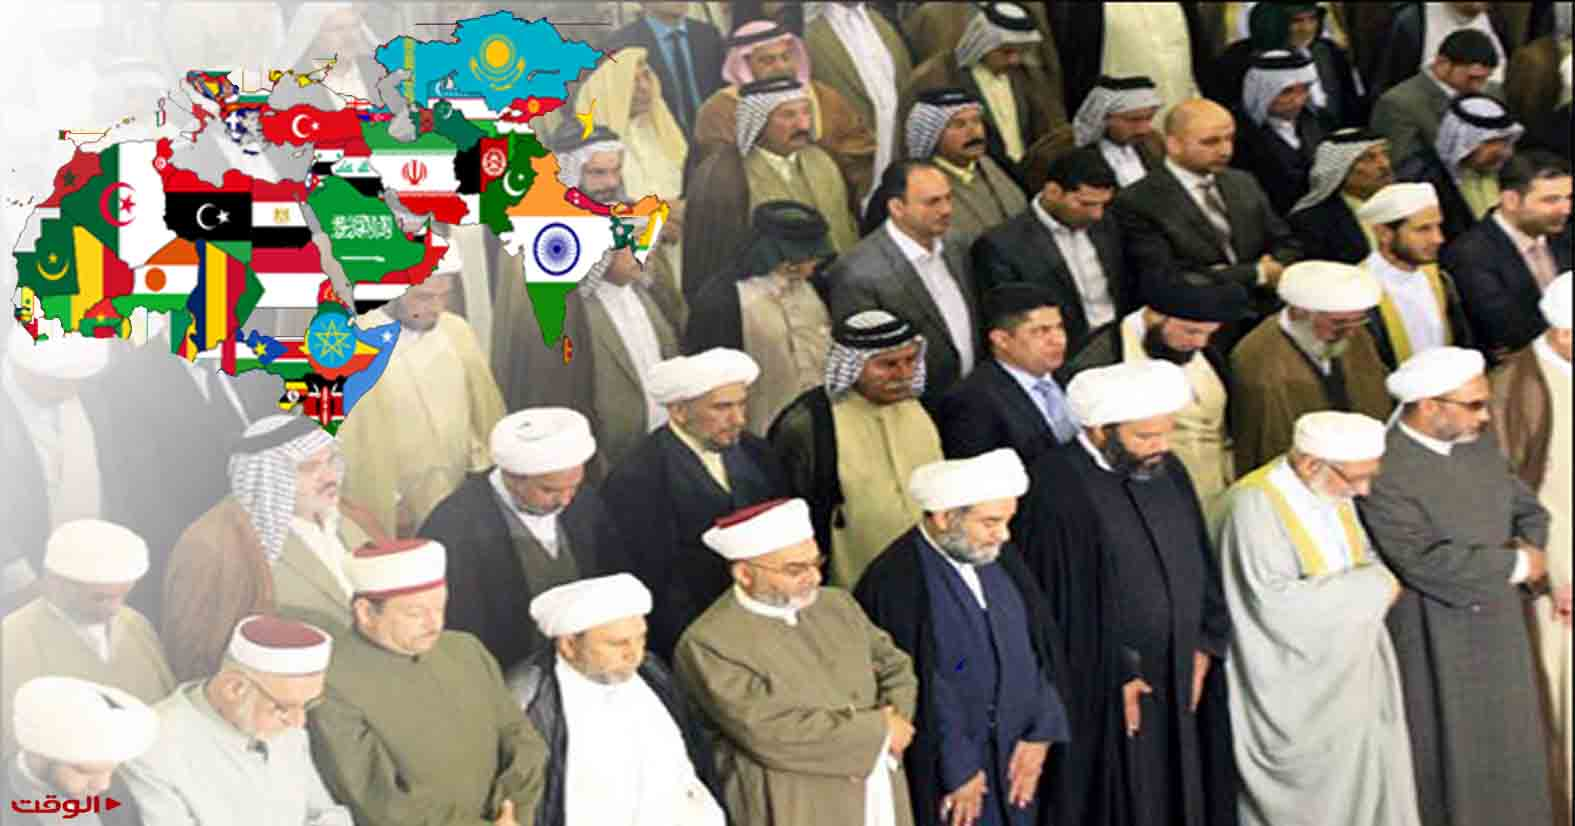 هفته وحدت بر همه مسلمان جهان مبارک باد.